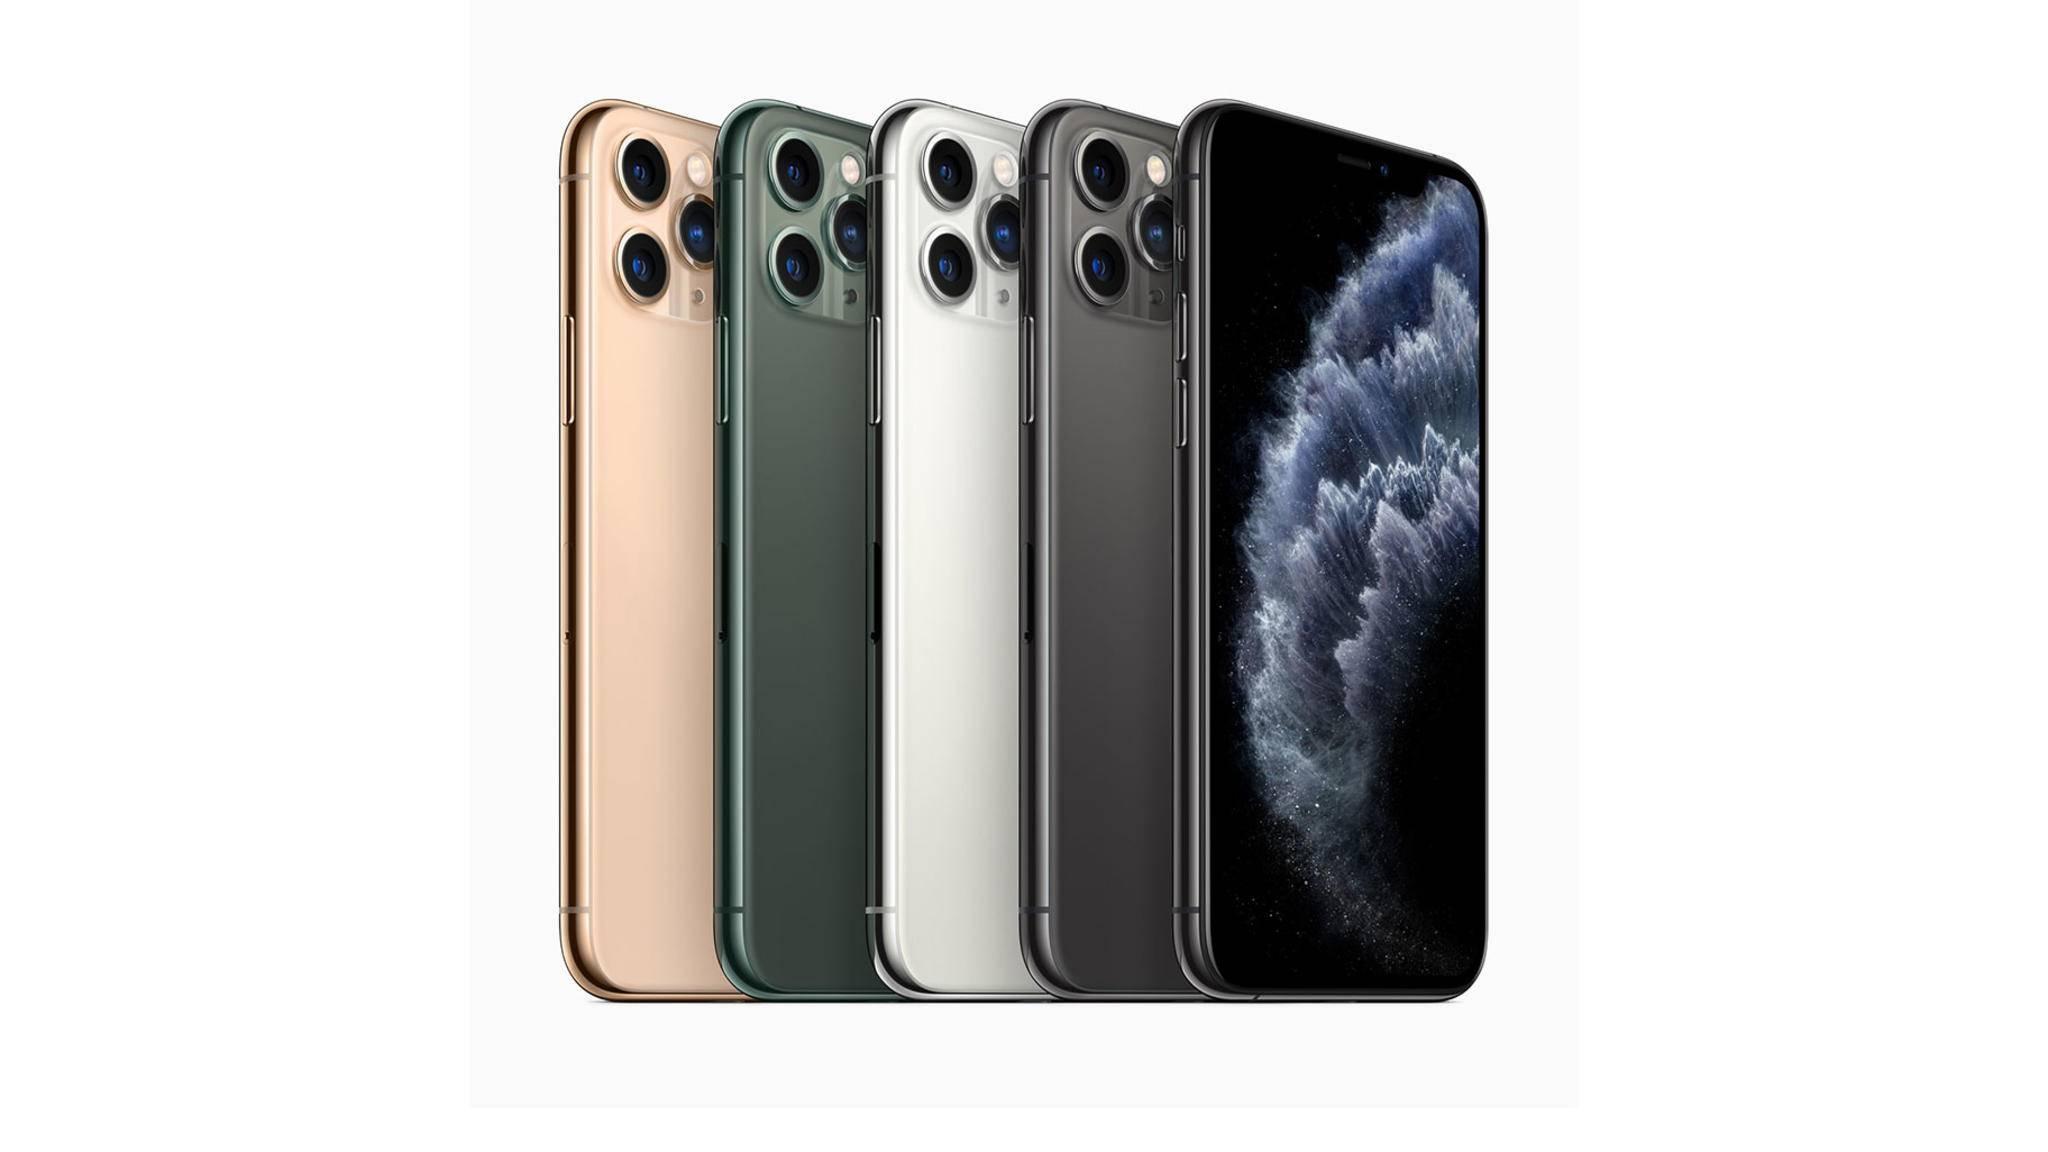 iPhone 11 Pro Max: Akku rund 26 Prozent größer als beim iPhone XS Max